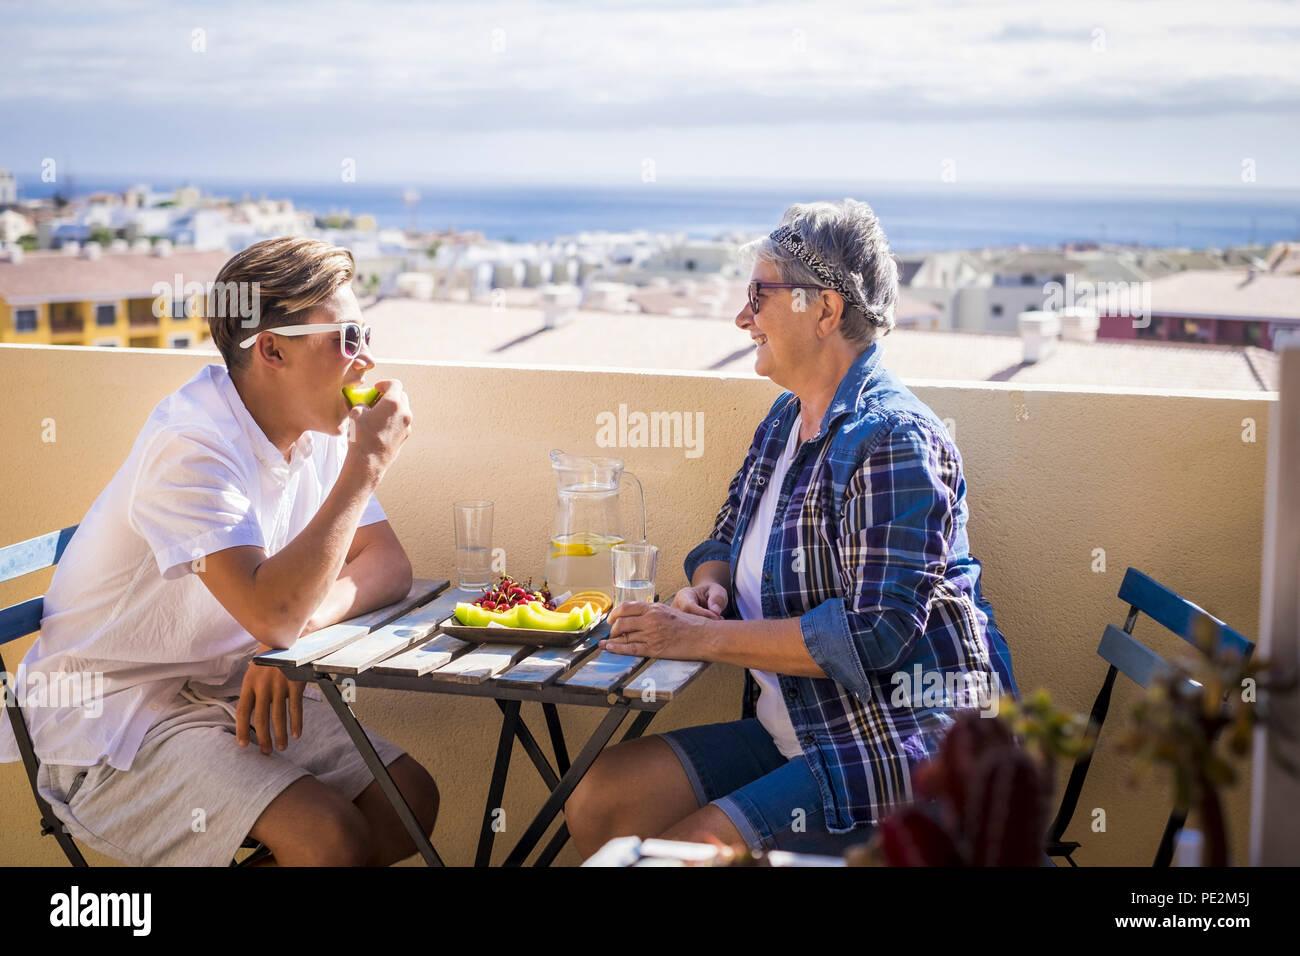 Actividad de ocio feliz en la terraza azotea desayunando con sonrisas y felicidad para la abuela y adolescente familia Pueblo Caucasiano un océano. Imagen De Stock